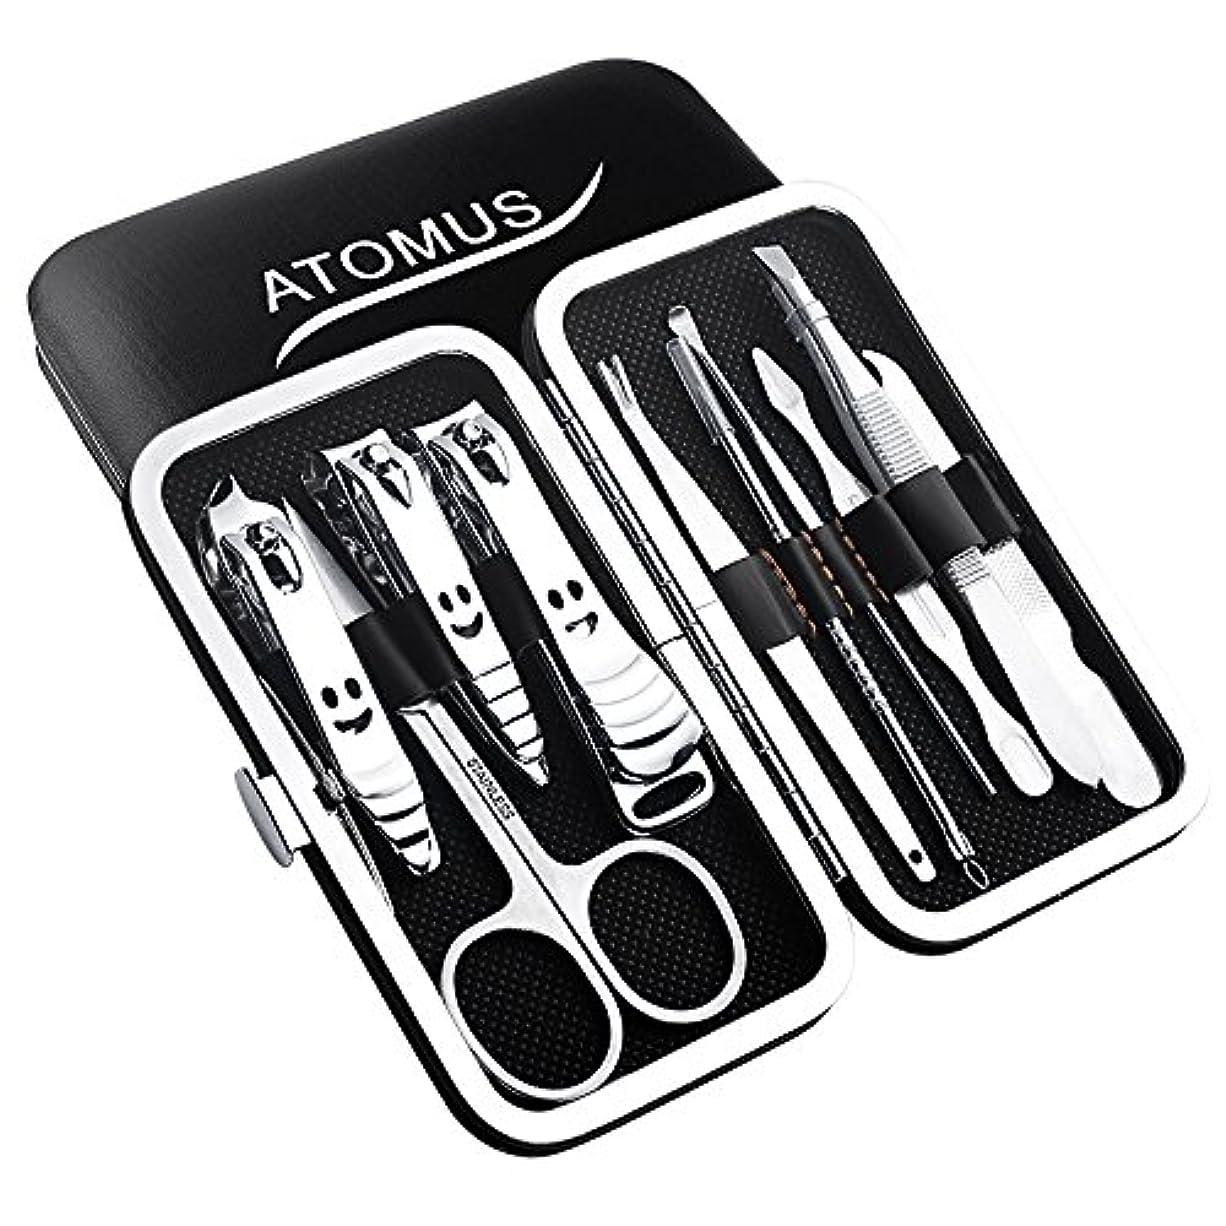 ポータブルテニスを必要としていますATOMUS ネイルケアセット マニキュア10点セット 爪やすり 爪切りセット 眉クリップ 携帯便利 収納ケース付き (黒色)